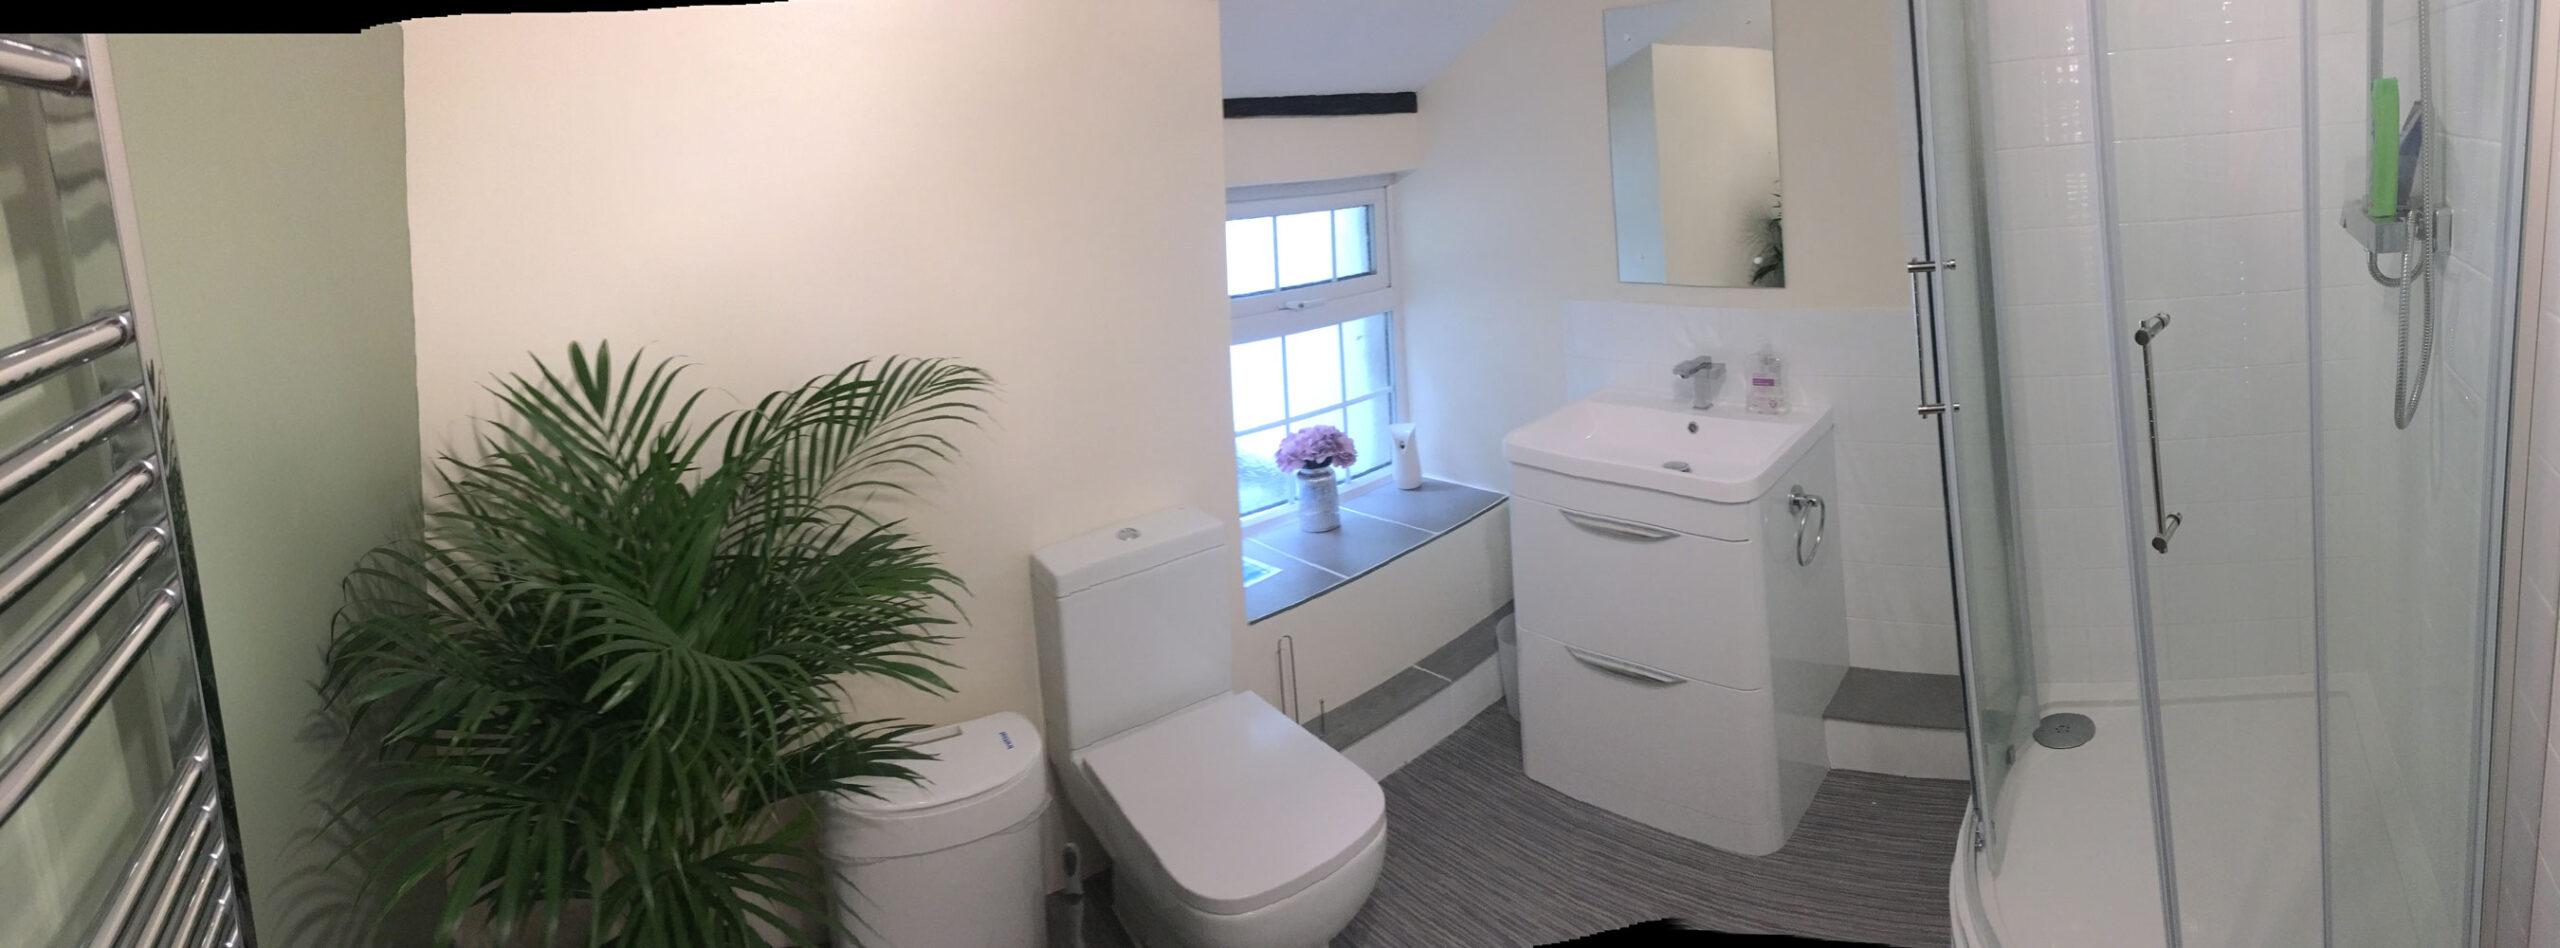 aran-new-bathroom-